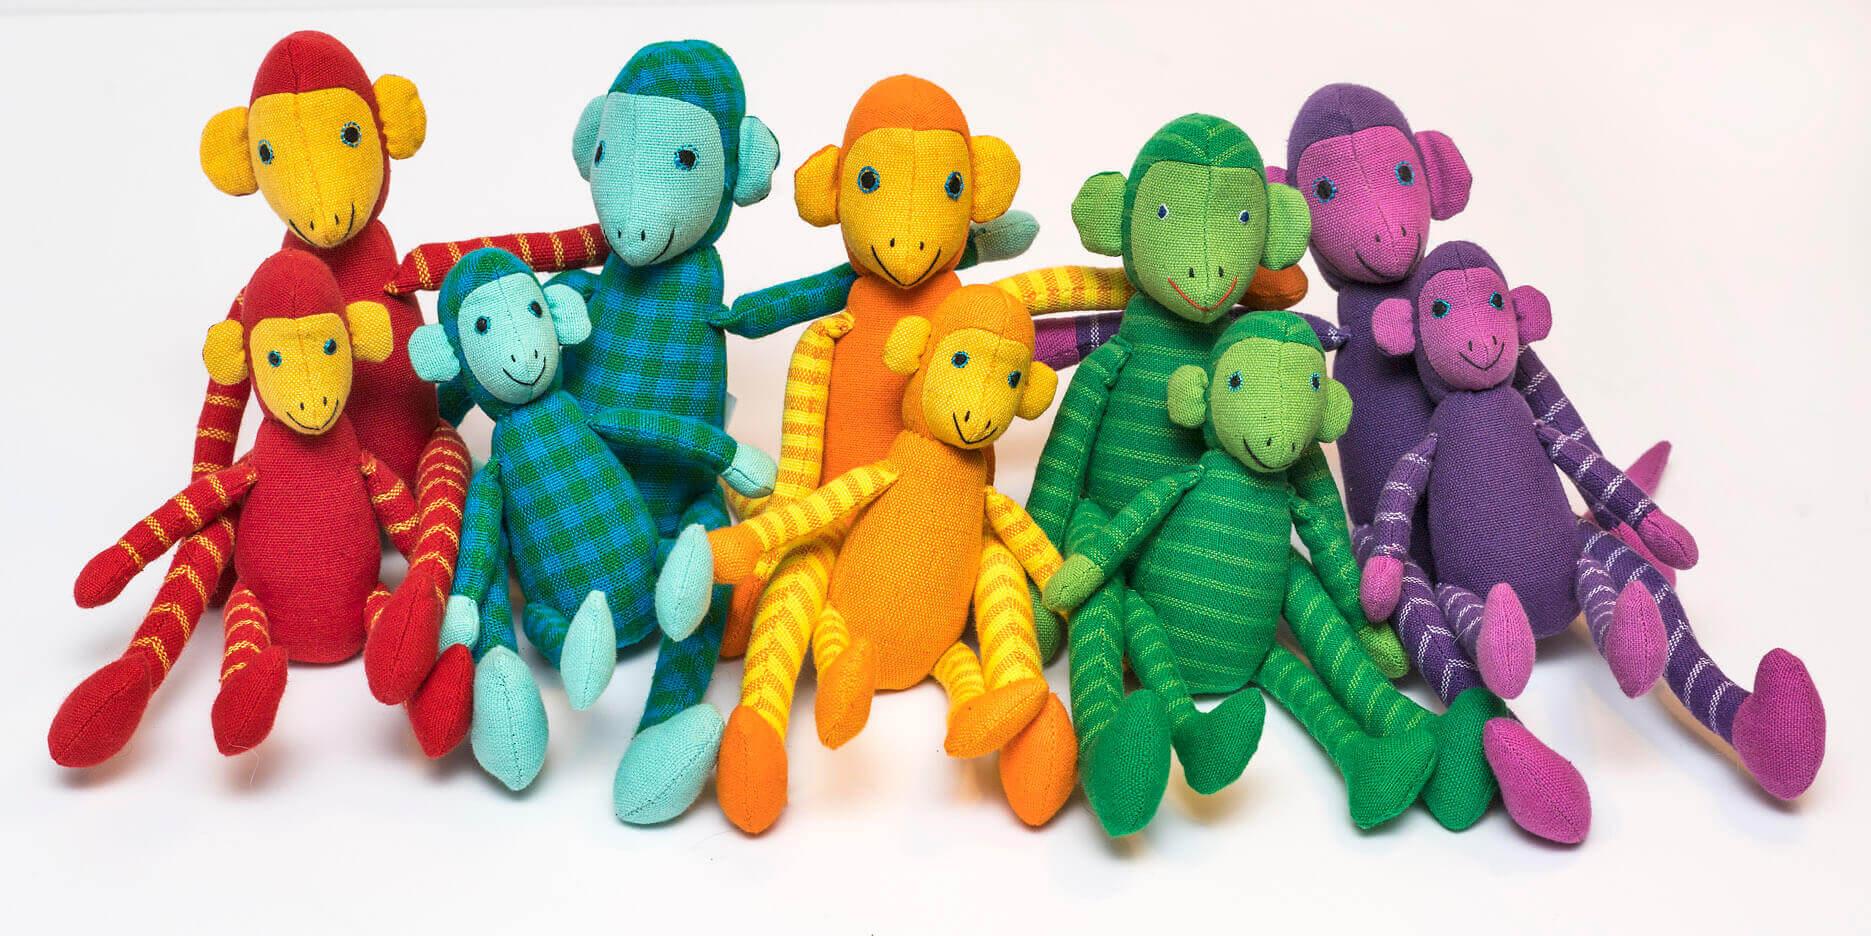 10 tygapor som maskot eller leksak, 2 storlekar och 5 olika färger och mönster. Fair Trade från Sri Lanka.